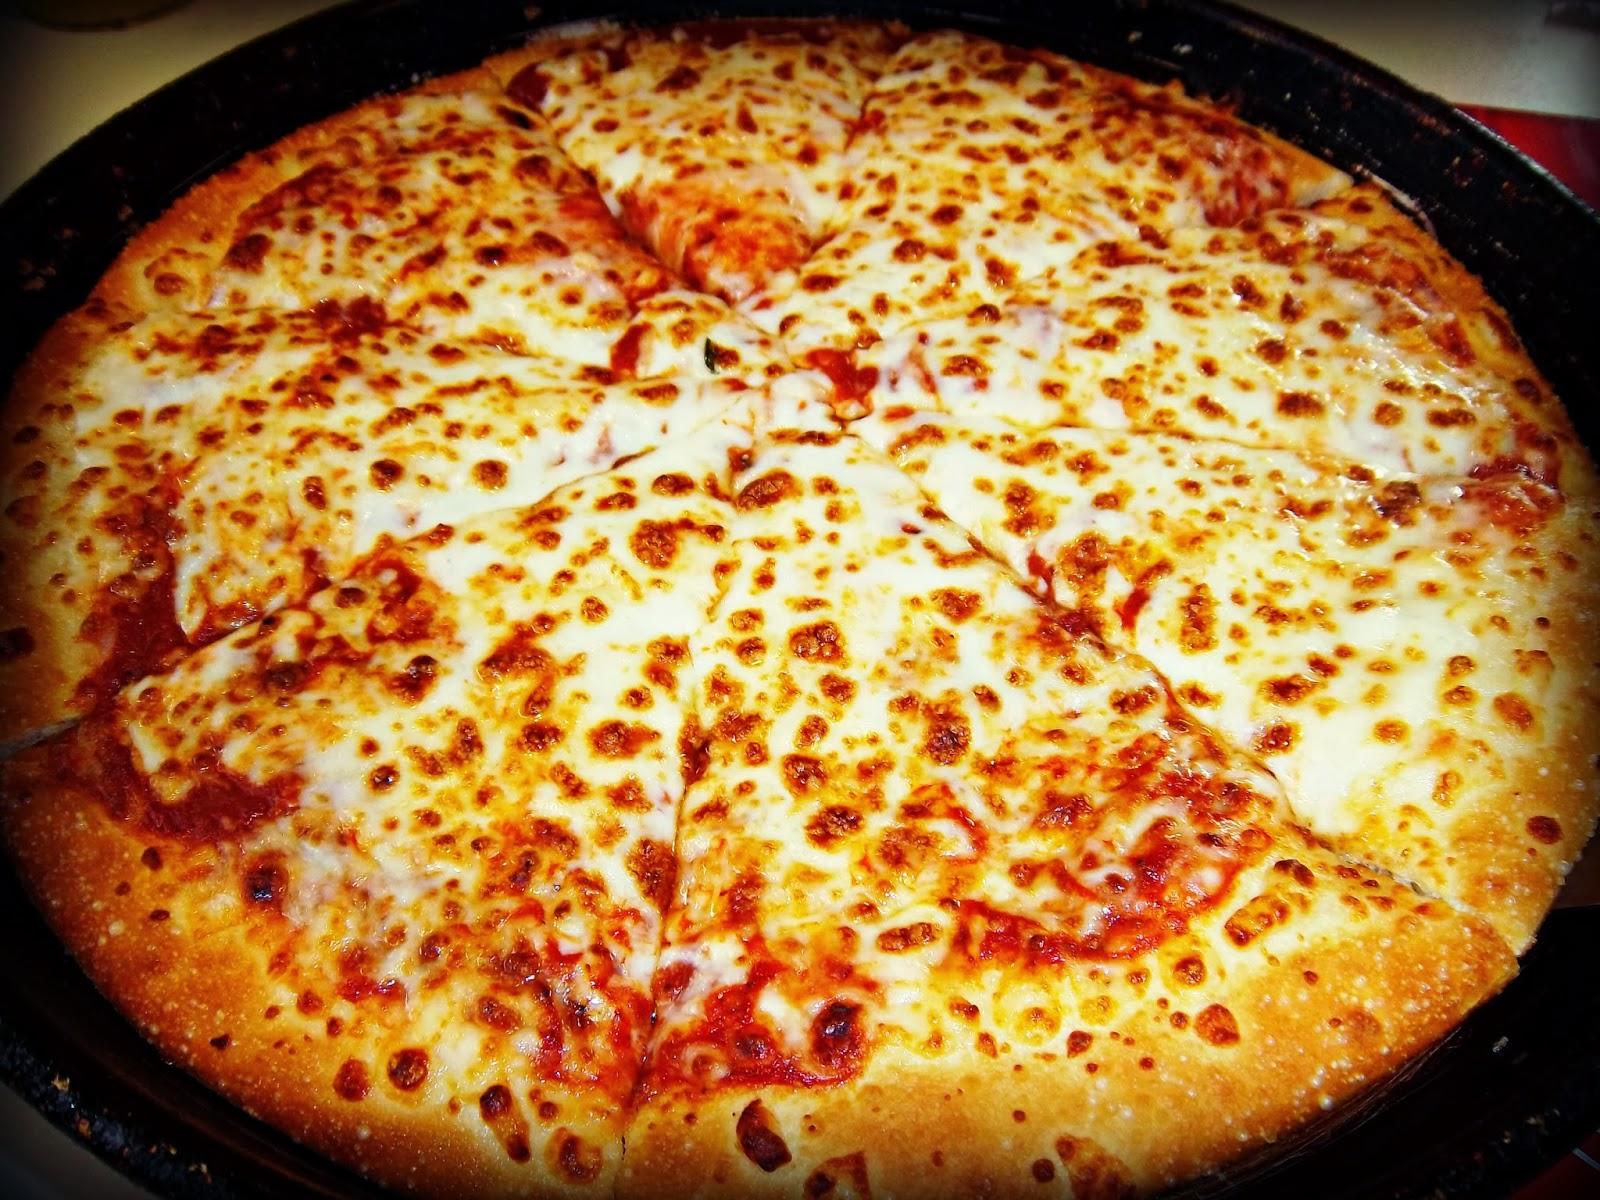 Noget om Mad: PIZZA MED HOLDBARHED PÅ 3 ÅR VED STUETEMPERATUR